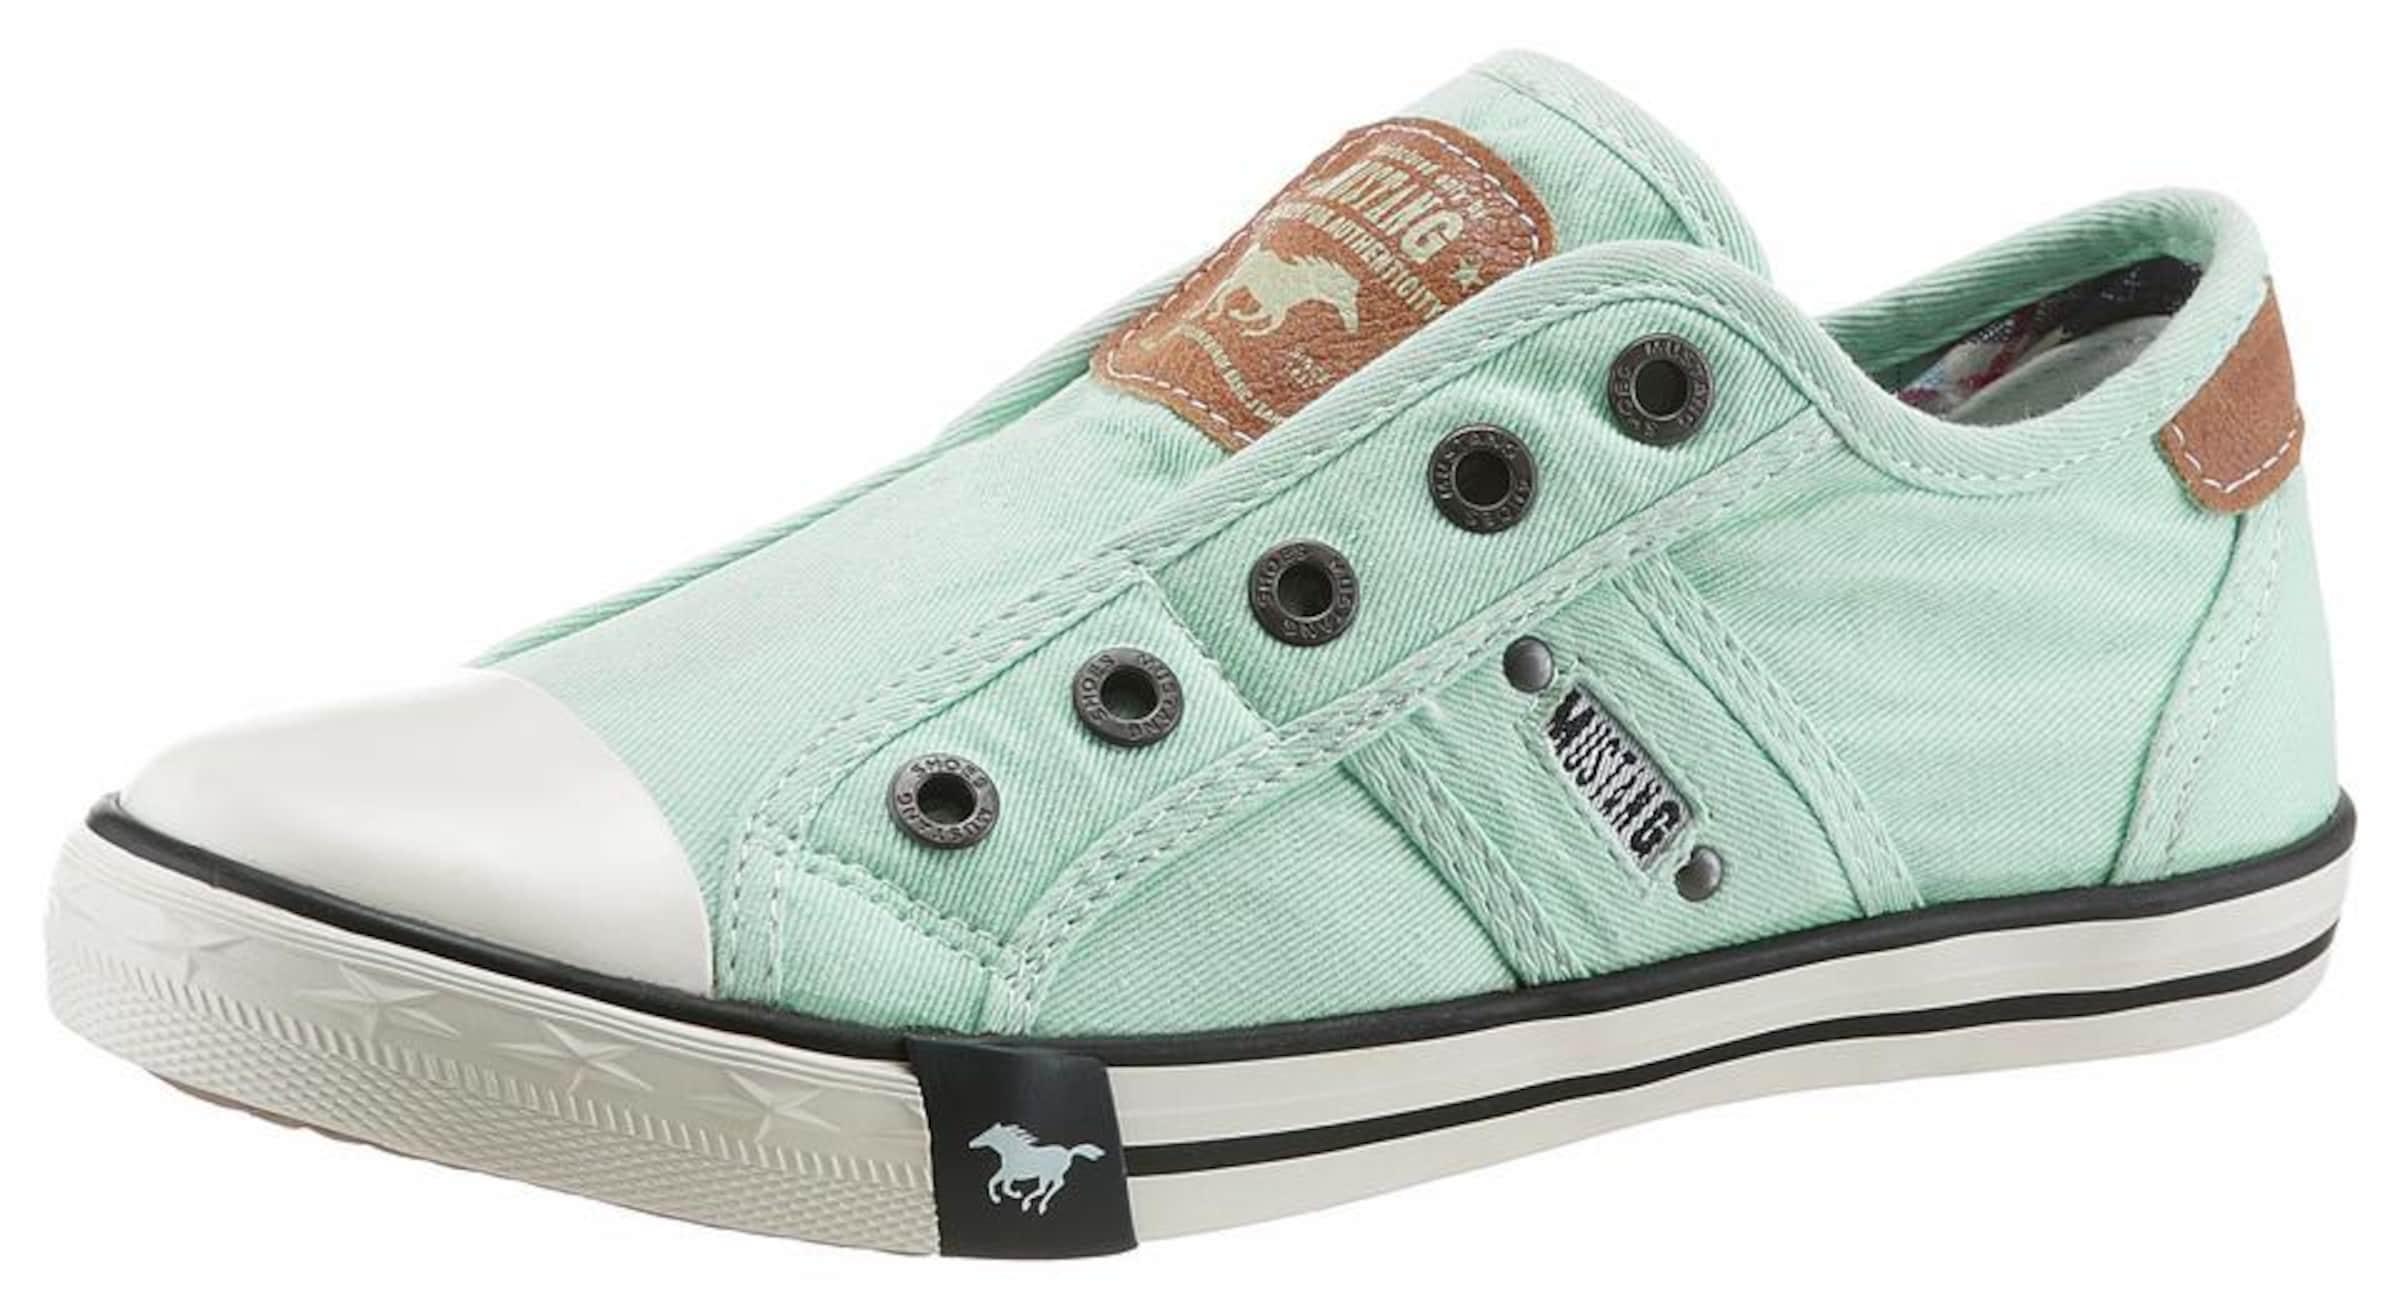 MUSTANG Shoes Sneaker Verkauf Finish Billig Verkaufen Billig Rabattgutscheine Online Ausgezeichnete Online-Verkauf c4dug2FF